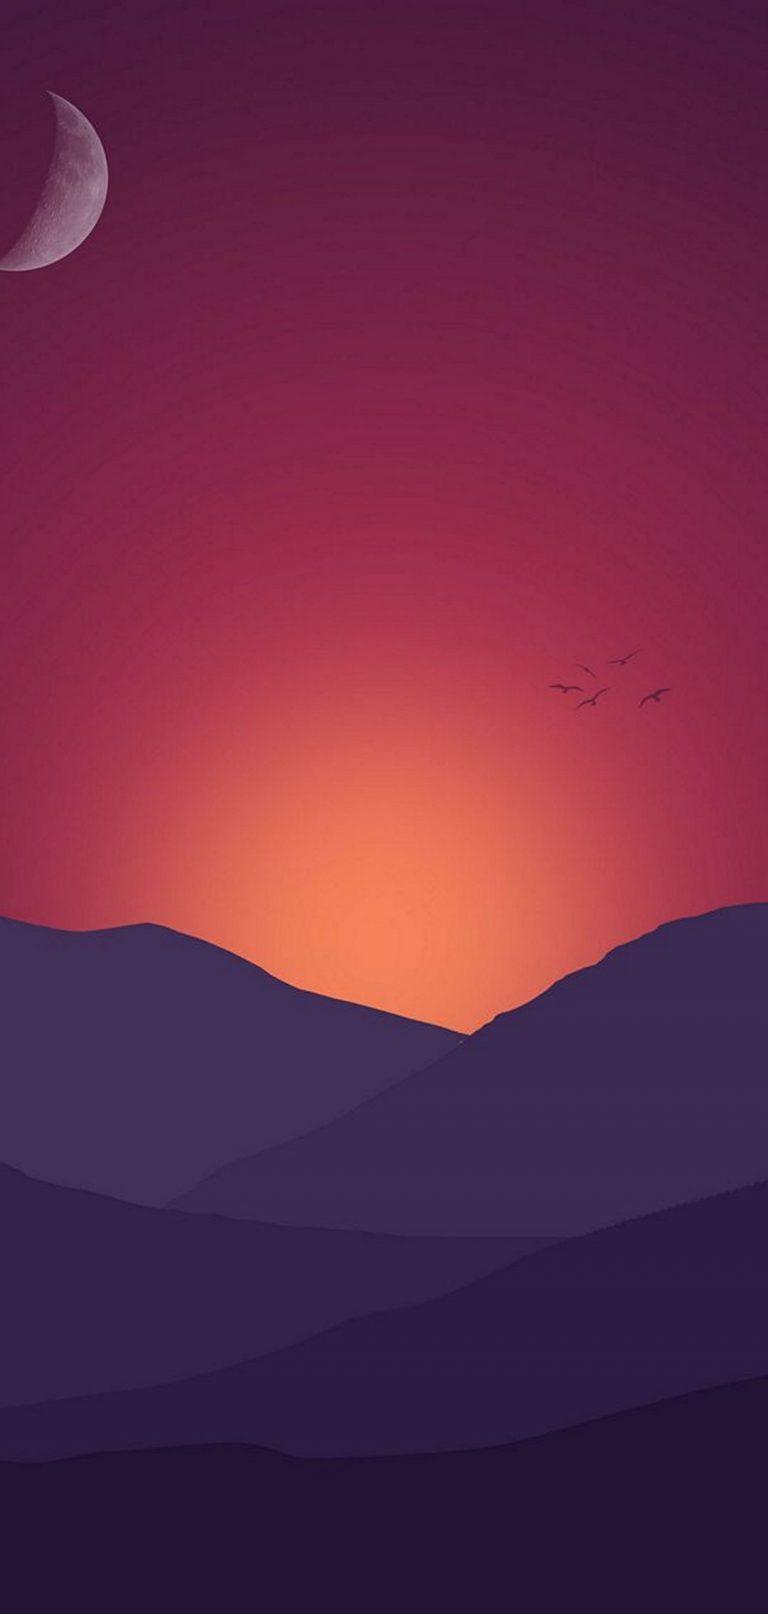 Minimal Nature Mountain 1080x2270 768x1614